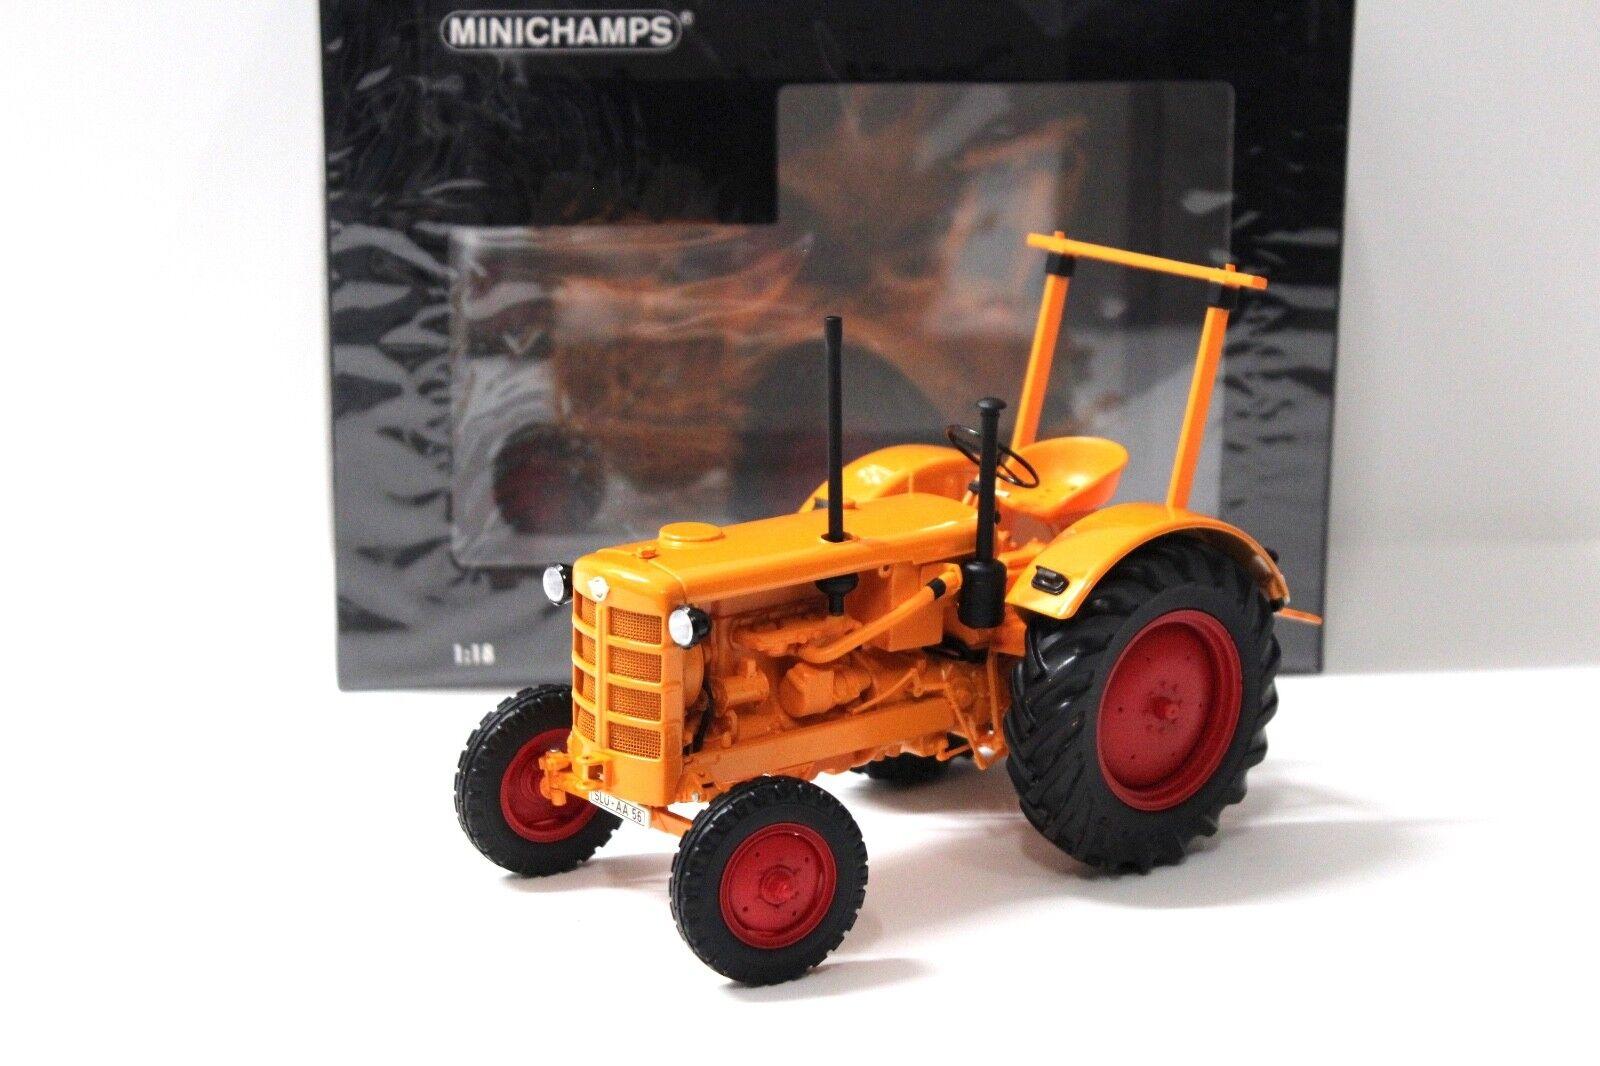 18 minichamps hanomag r28 traktor 1953 Orange neue bei premium-modelcars